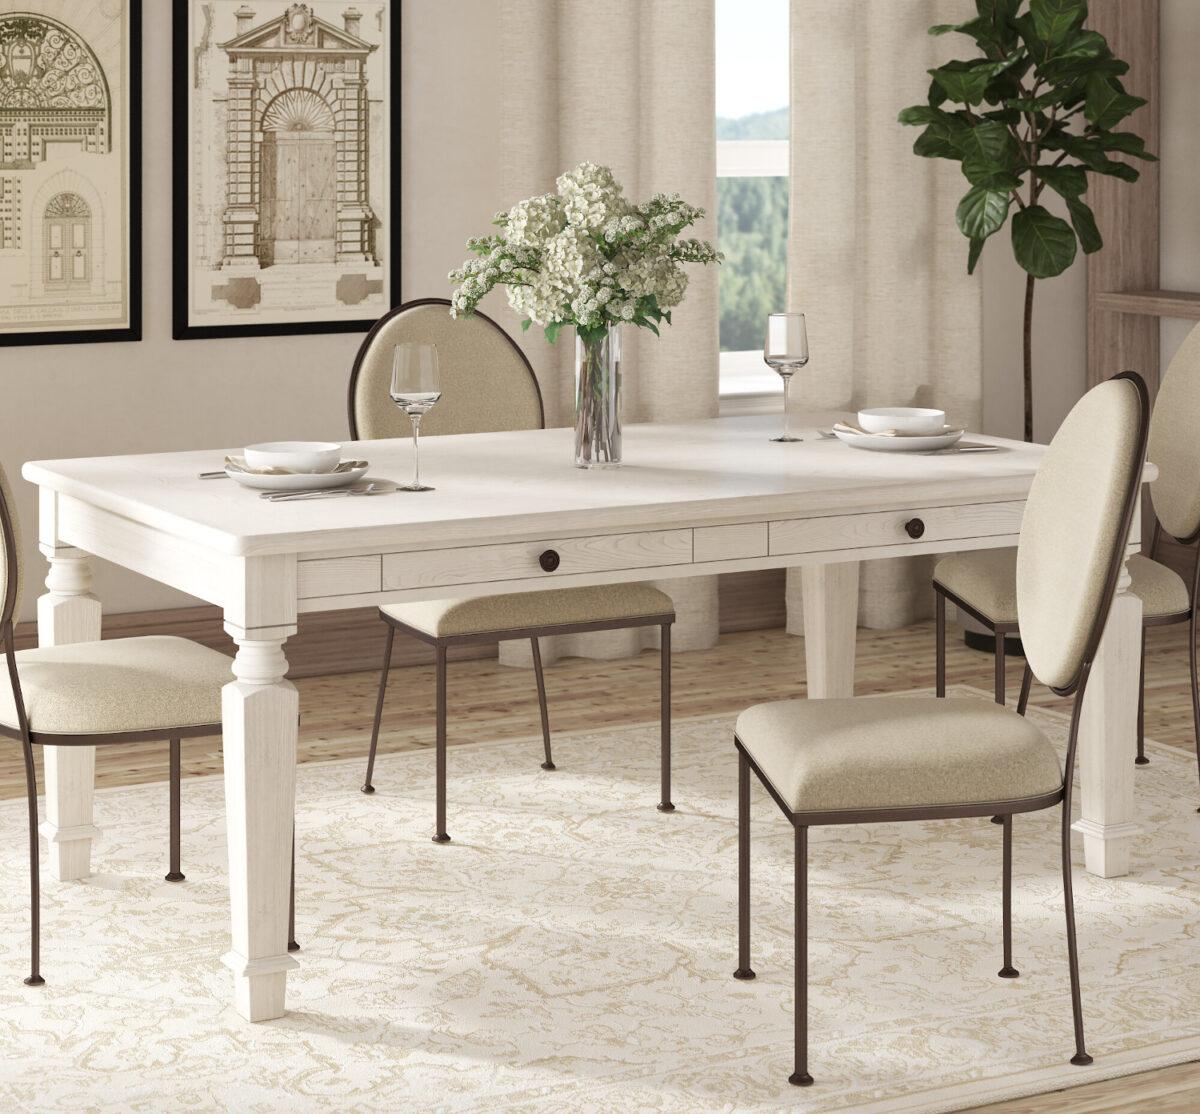 Tavolo da cucina con cassettiera